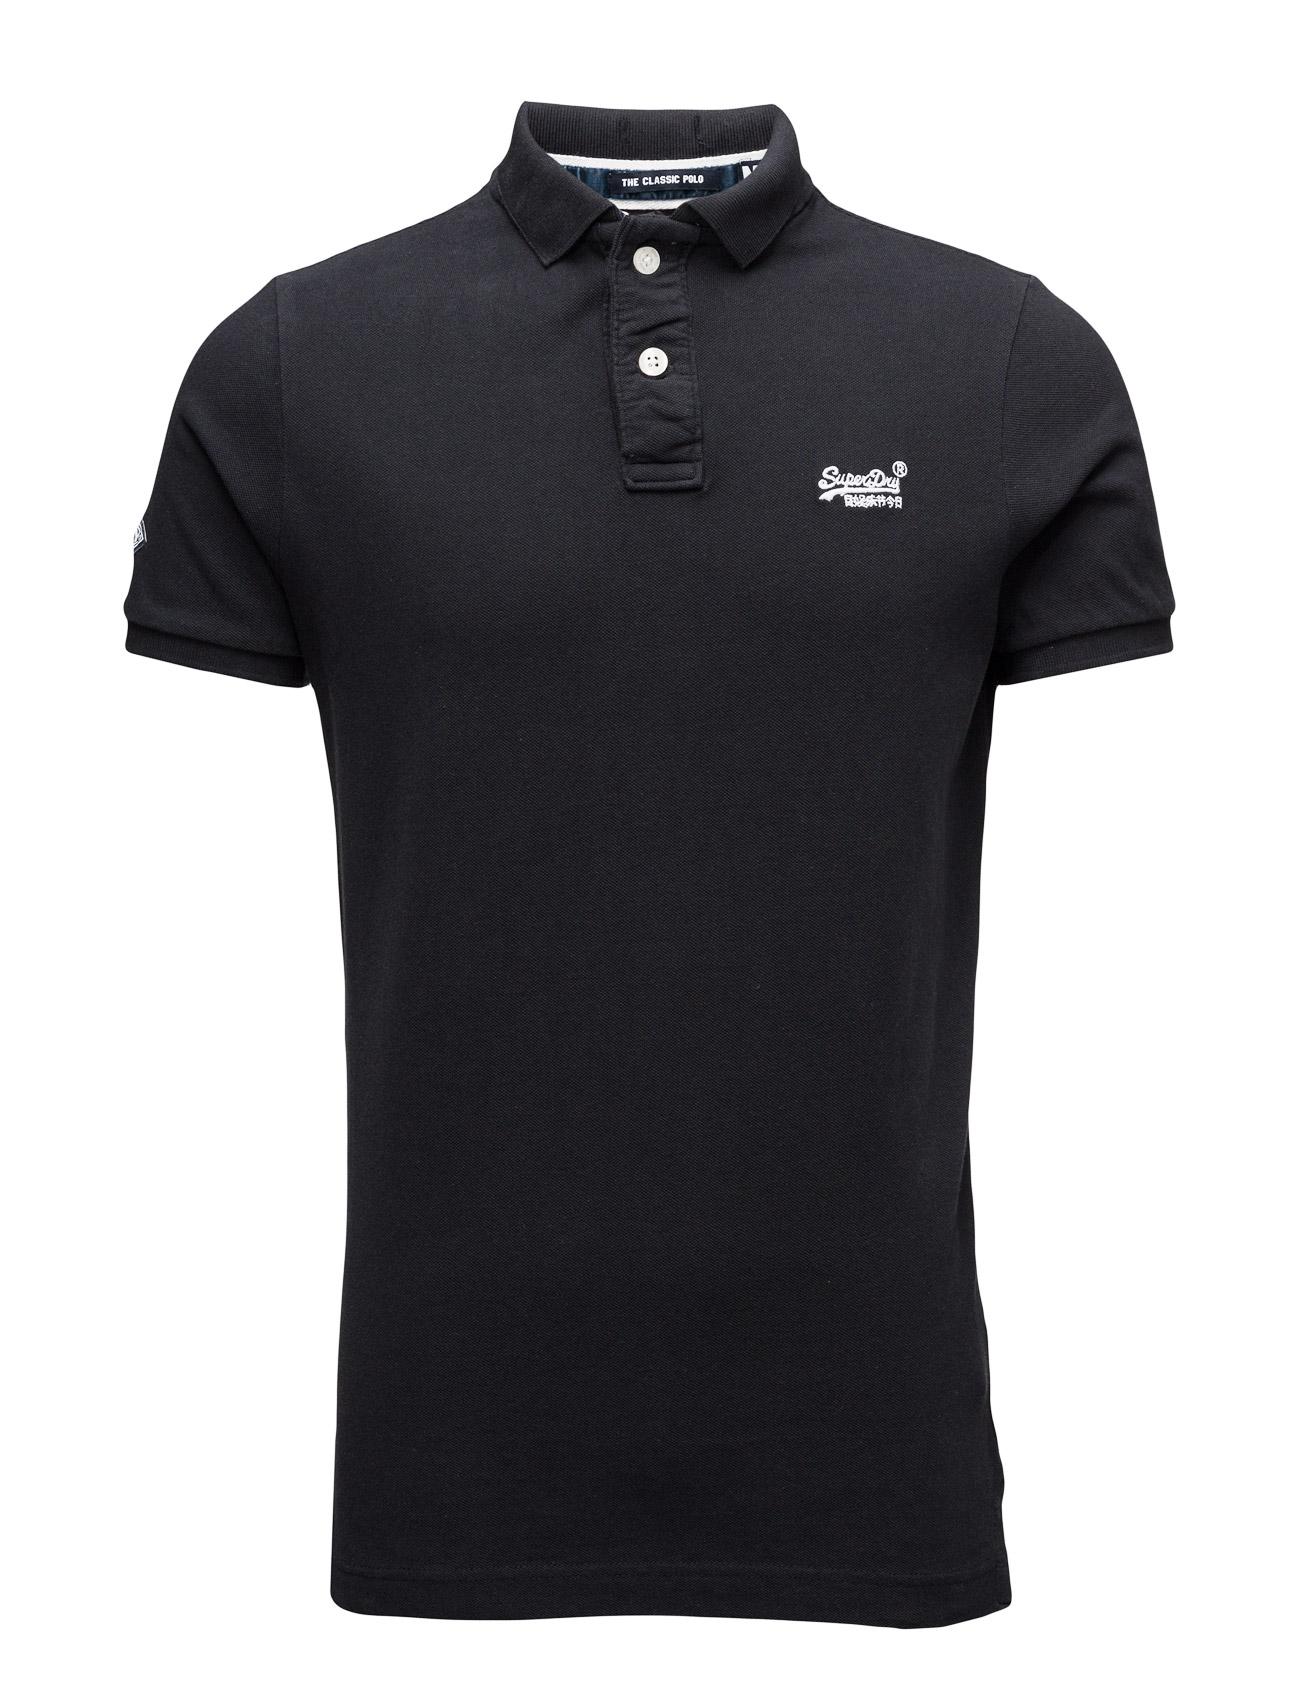 Classic Pique S/S Polo Superdry Kortærmede polo t-shirts til Herrer i Eclipse Navy